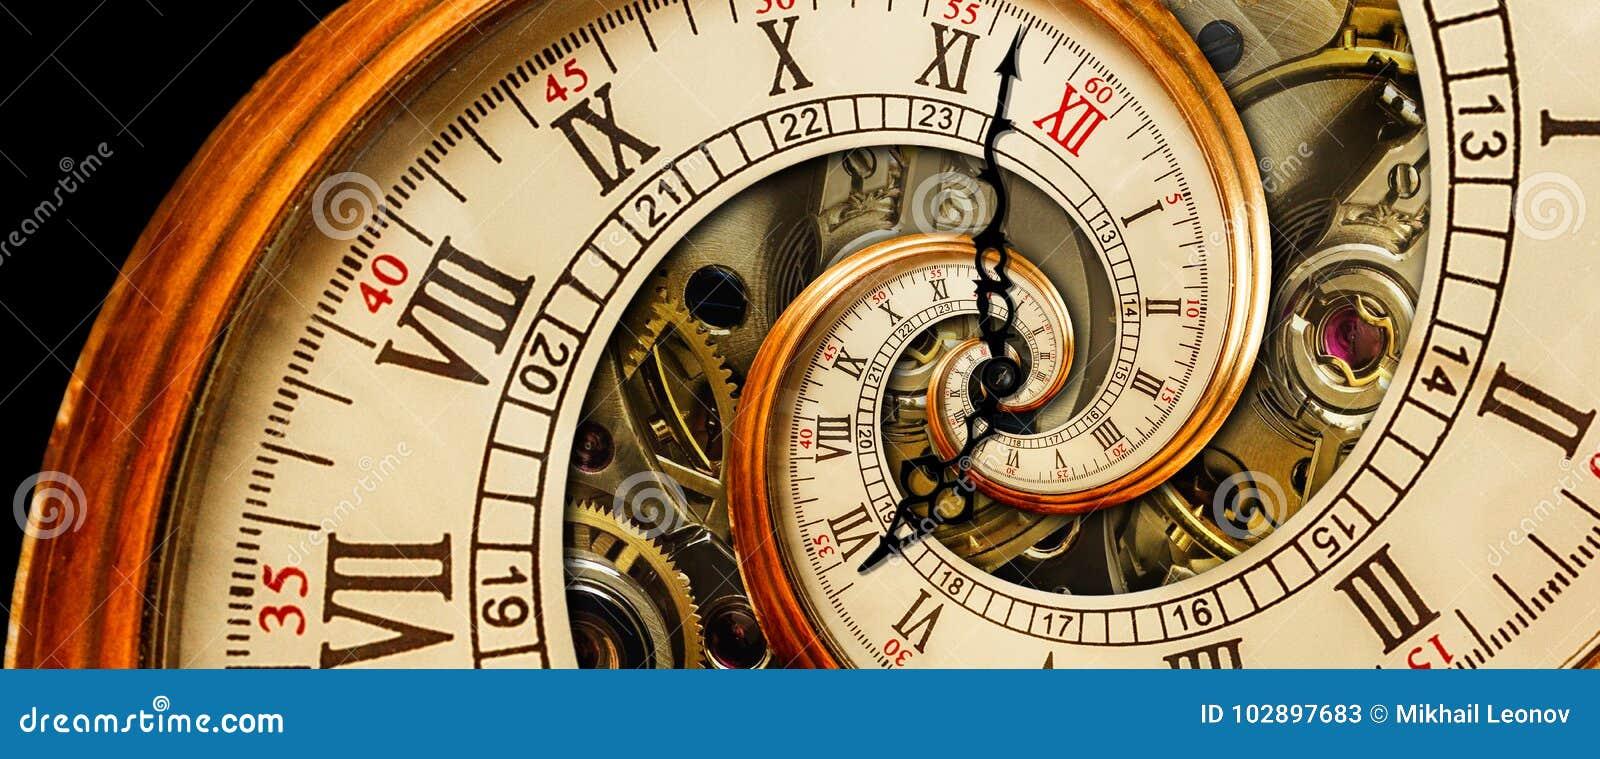 Vieille spirale antique de fractale d abrégé sur horloge Observez le fond abstrait peu commun de modèle de fractale de texture de